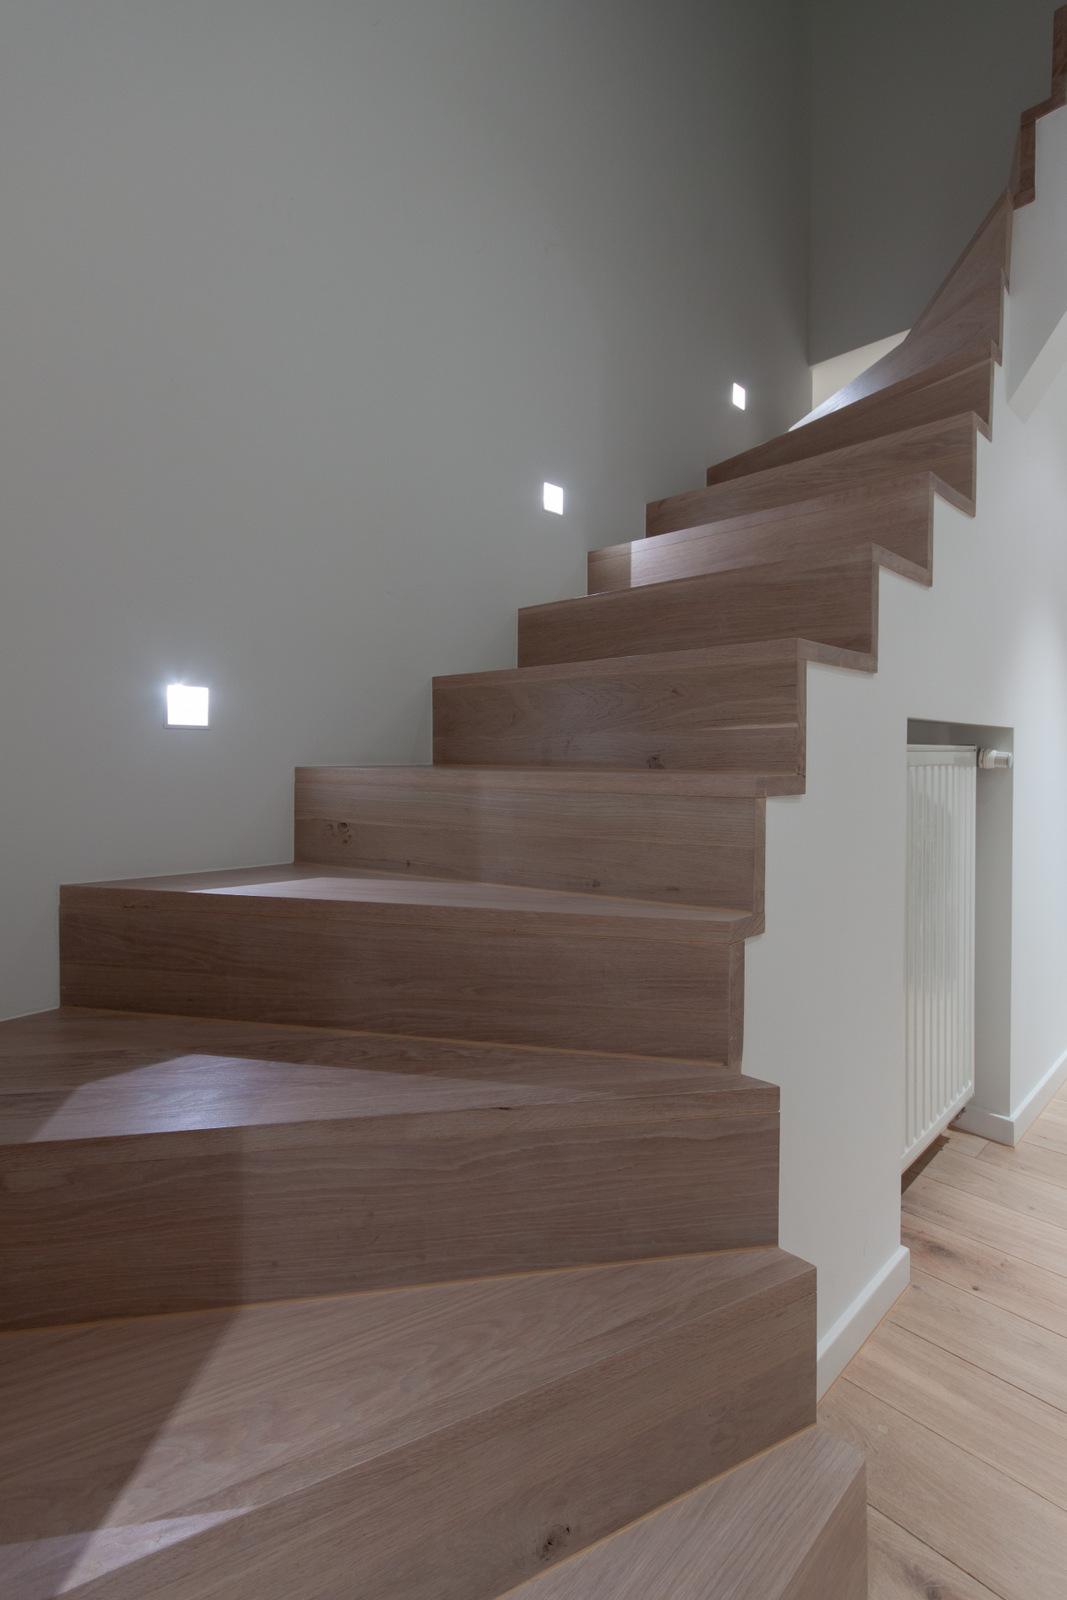 Réalisation d'un escalier en chêne